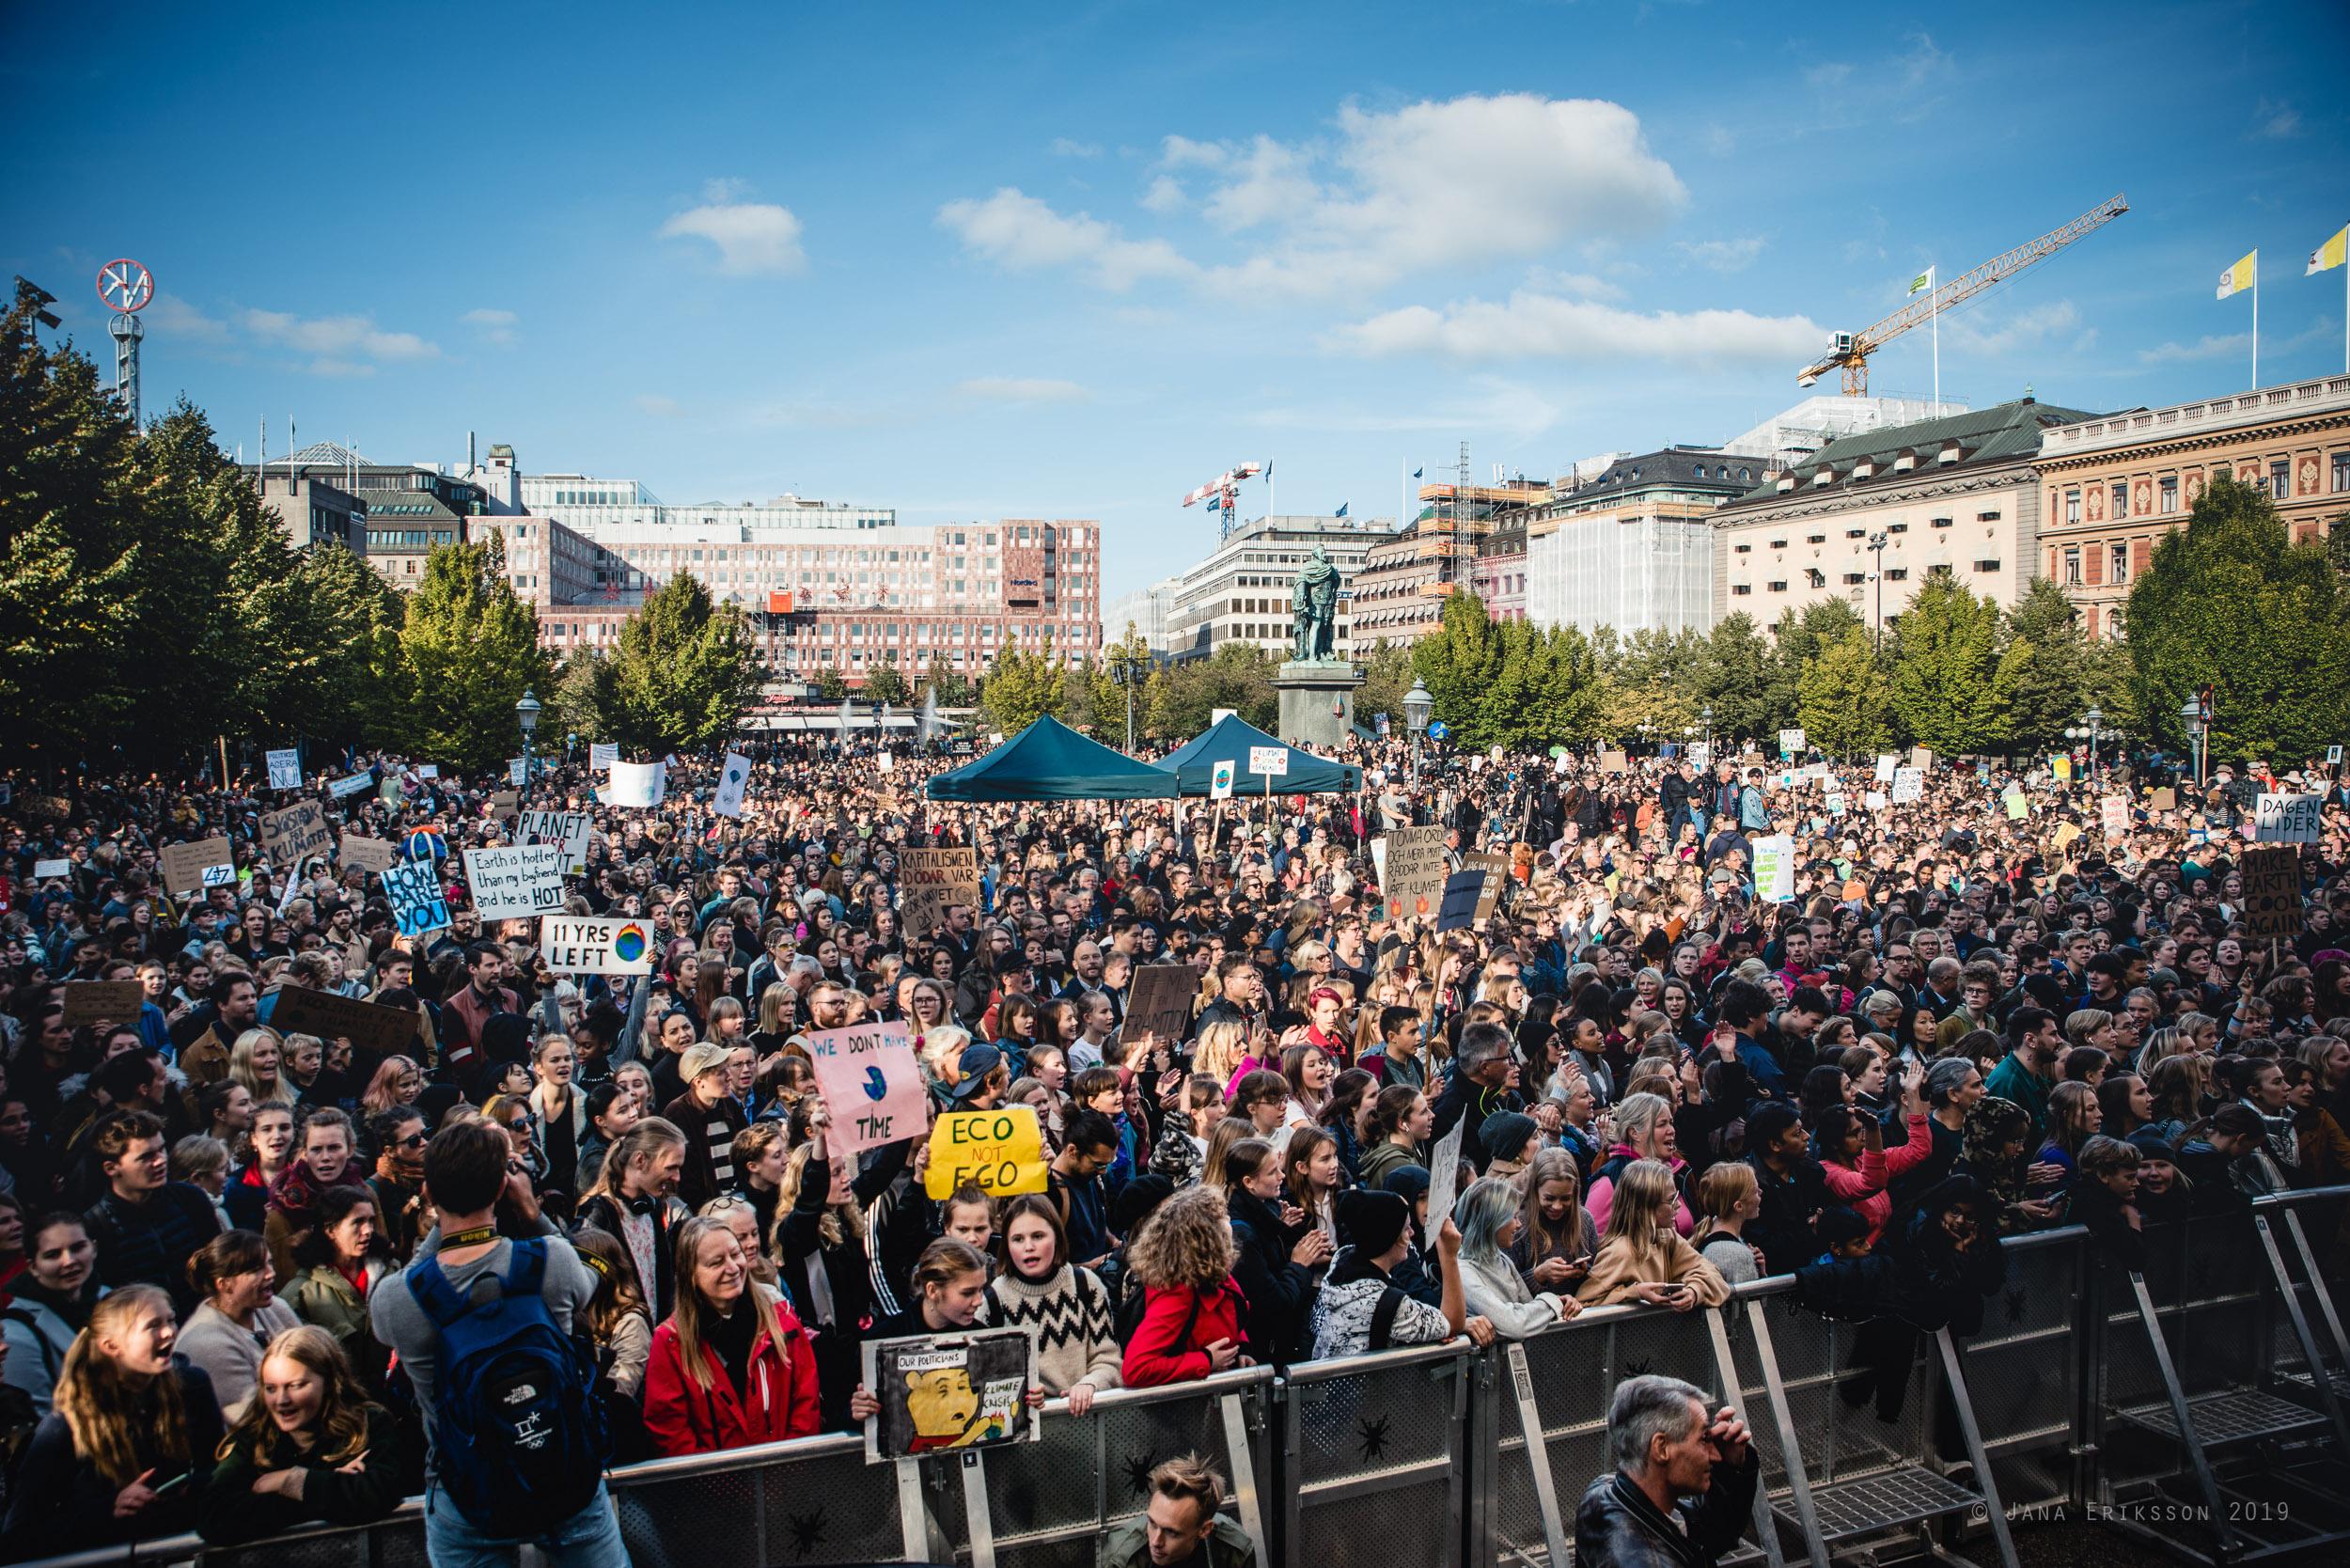 Hav av demonstranter i Kungsträdgården. Klimatstrejk 27 september 2019.